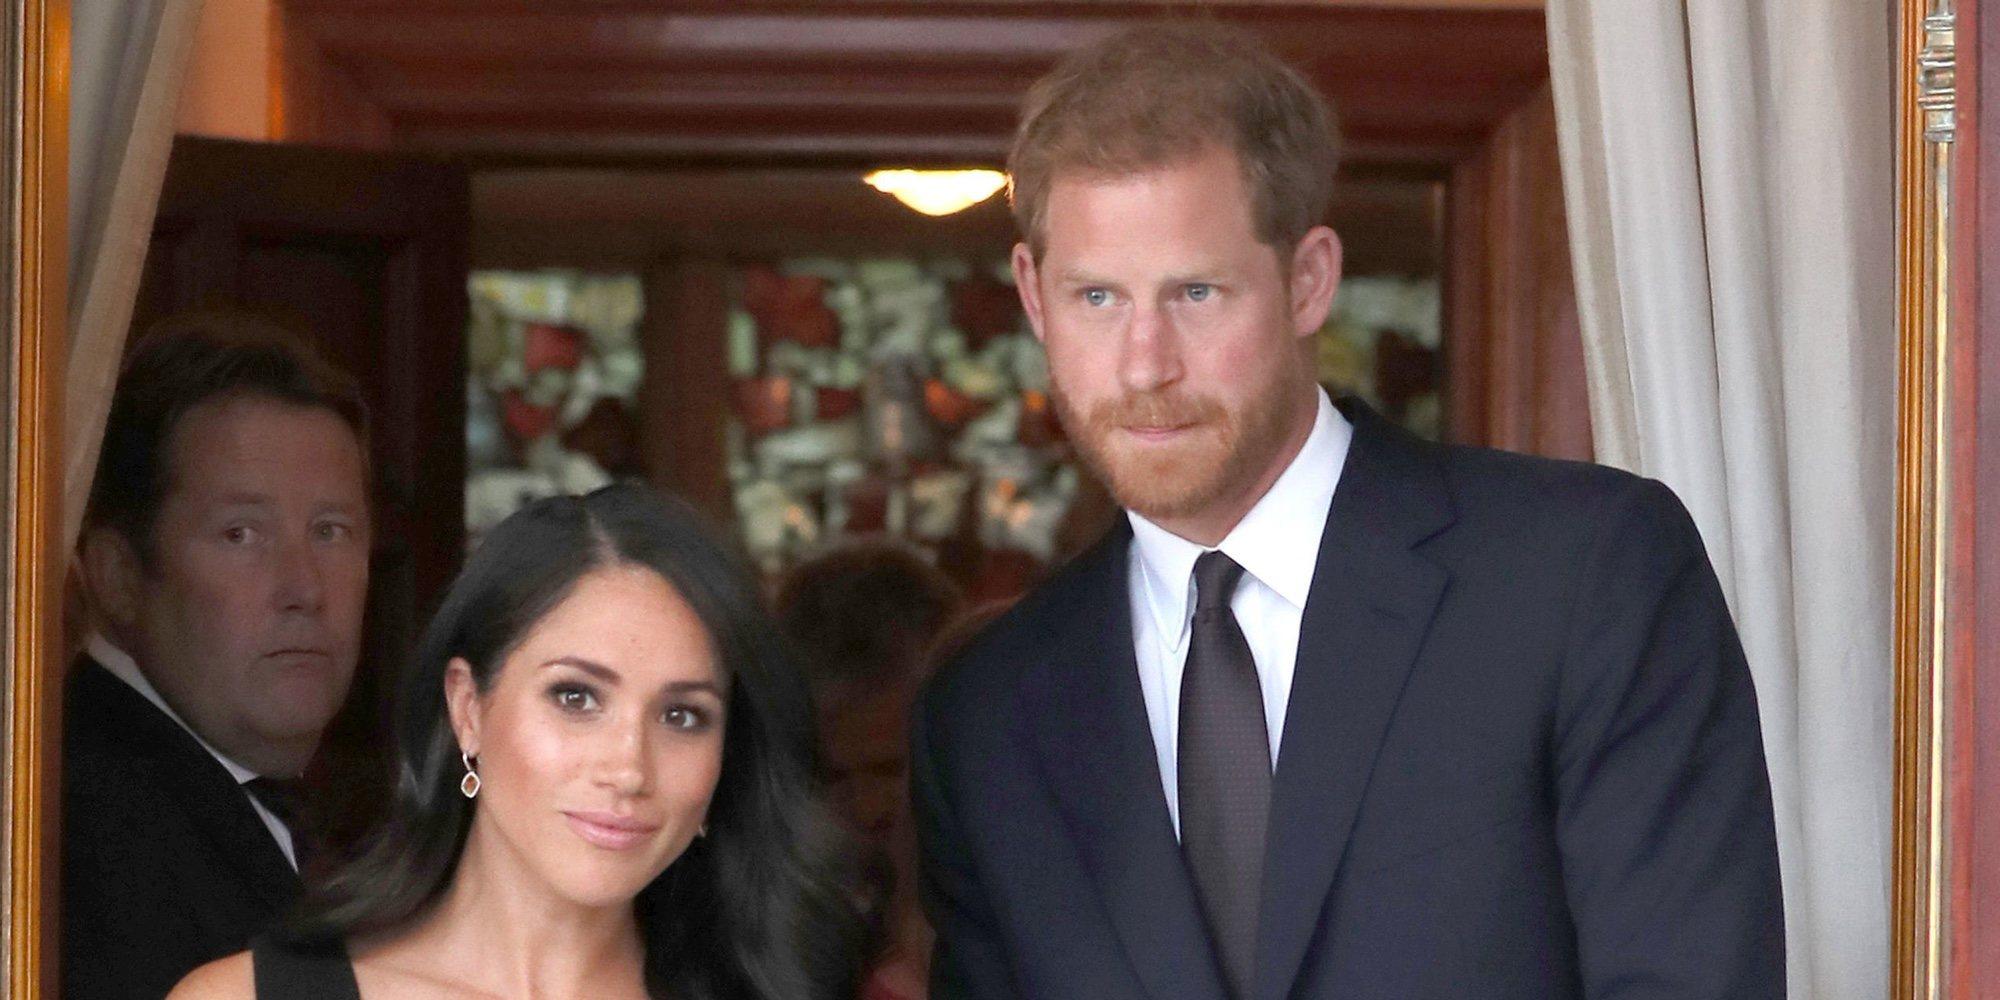 Meghan Markle desvela lo que más extraña de su vida antes de casarse con el Príncipe Harry